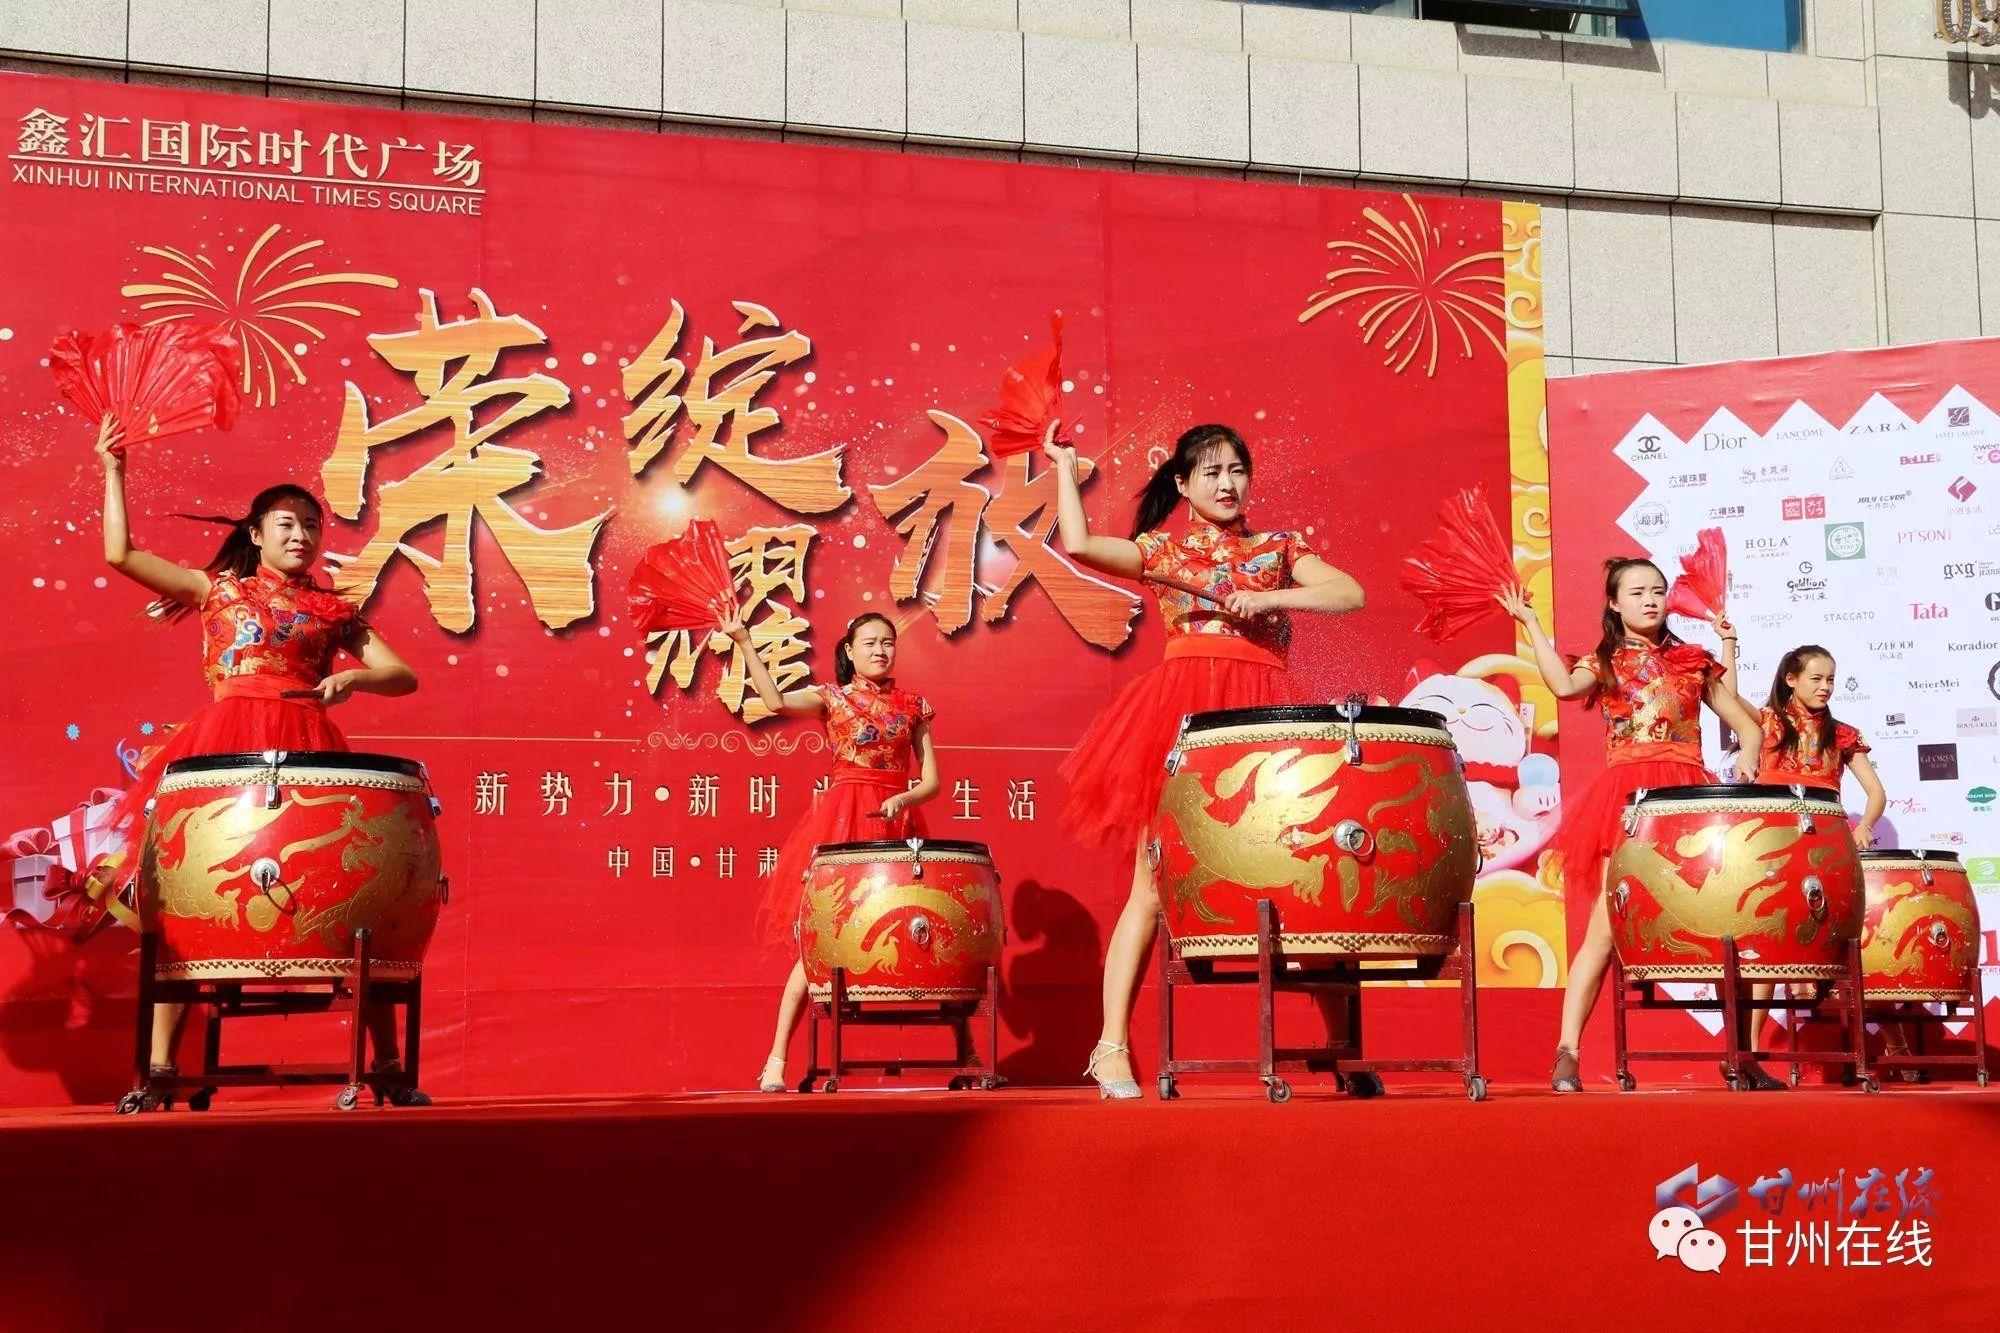 张掖鑫汇国际时代广场盛大开业试营业